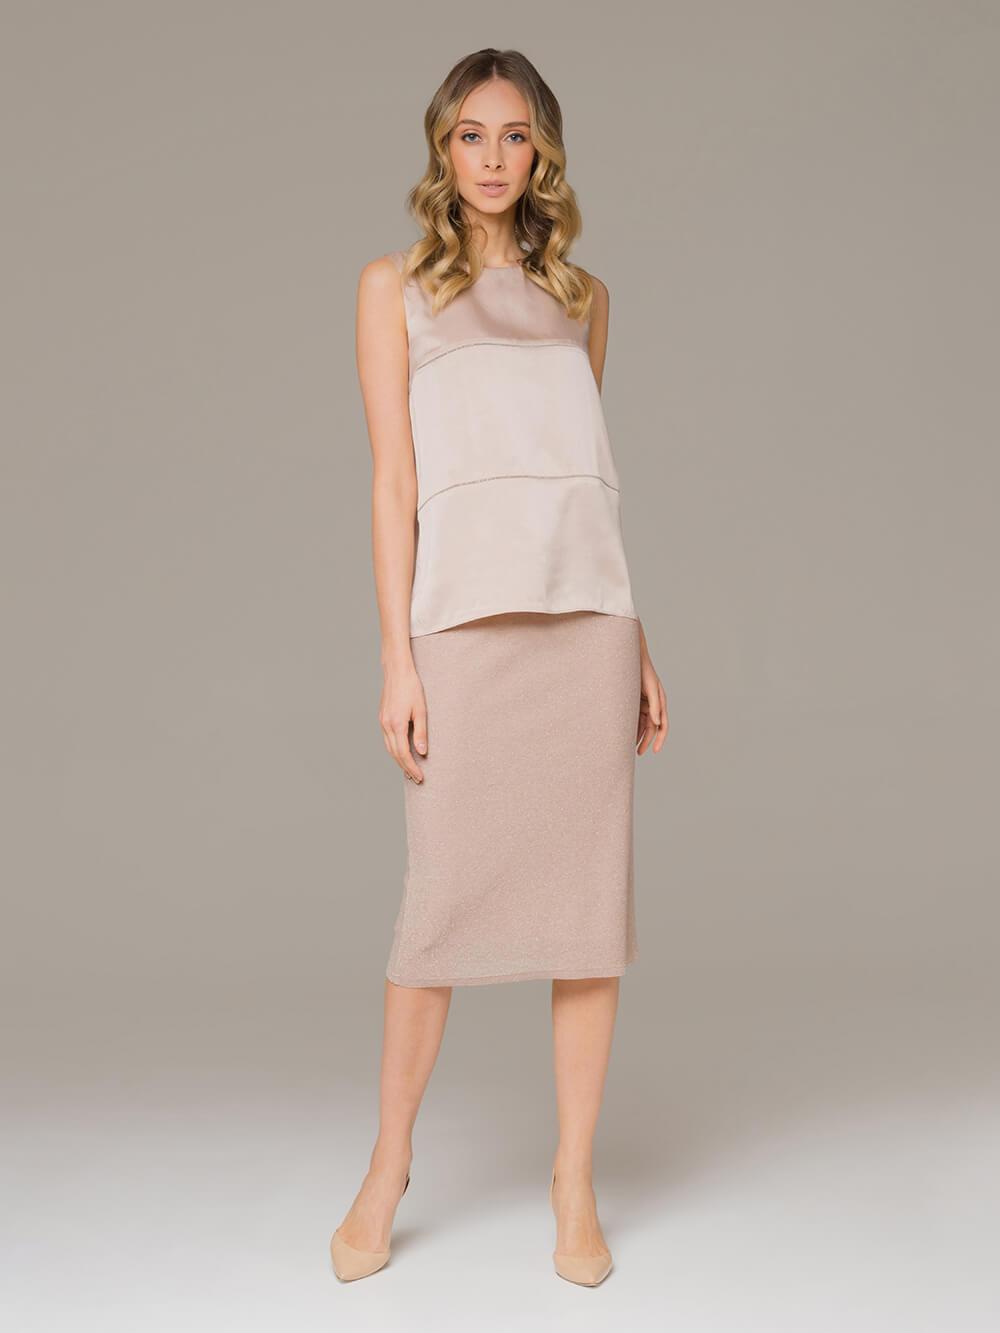 Женская юбка бежевого цвета - фото 1